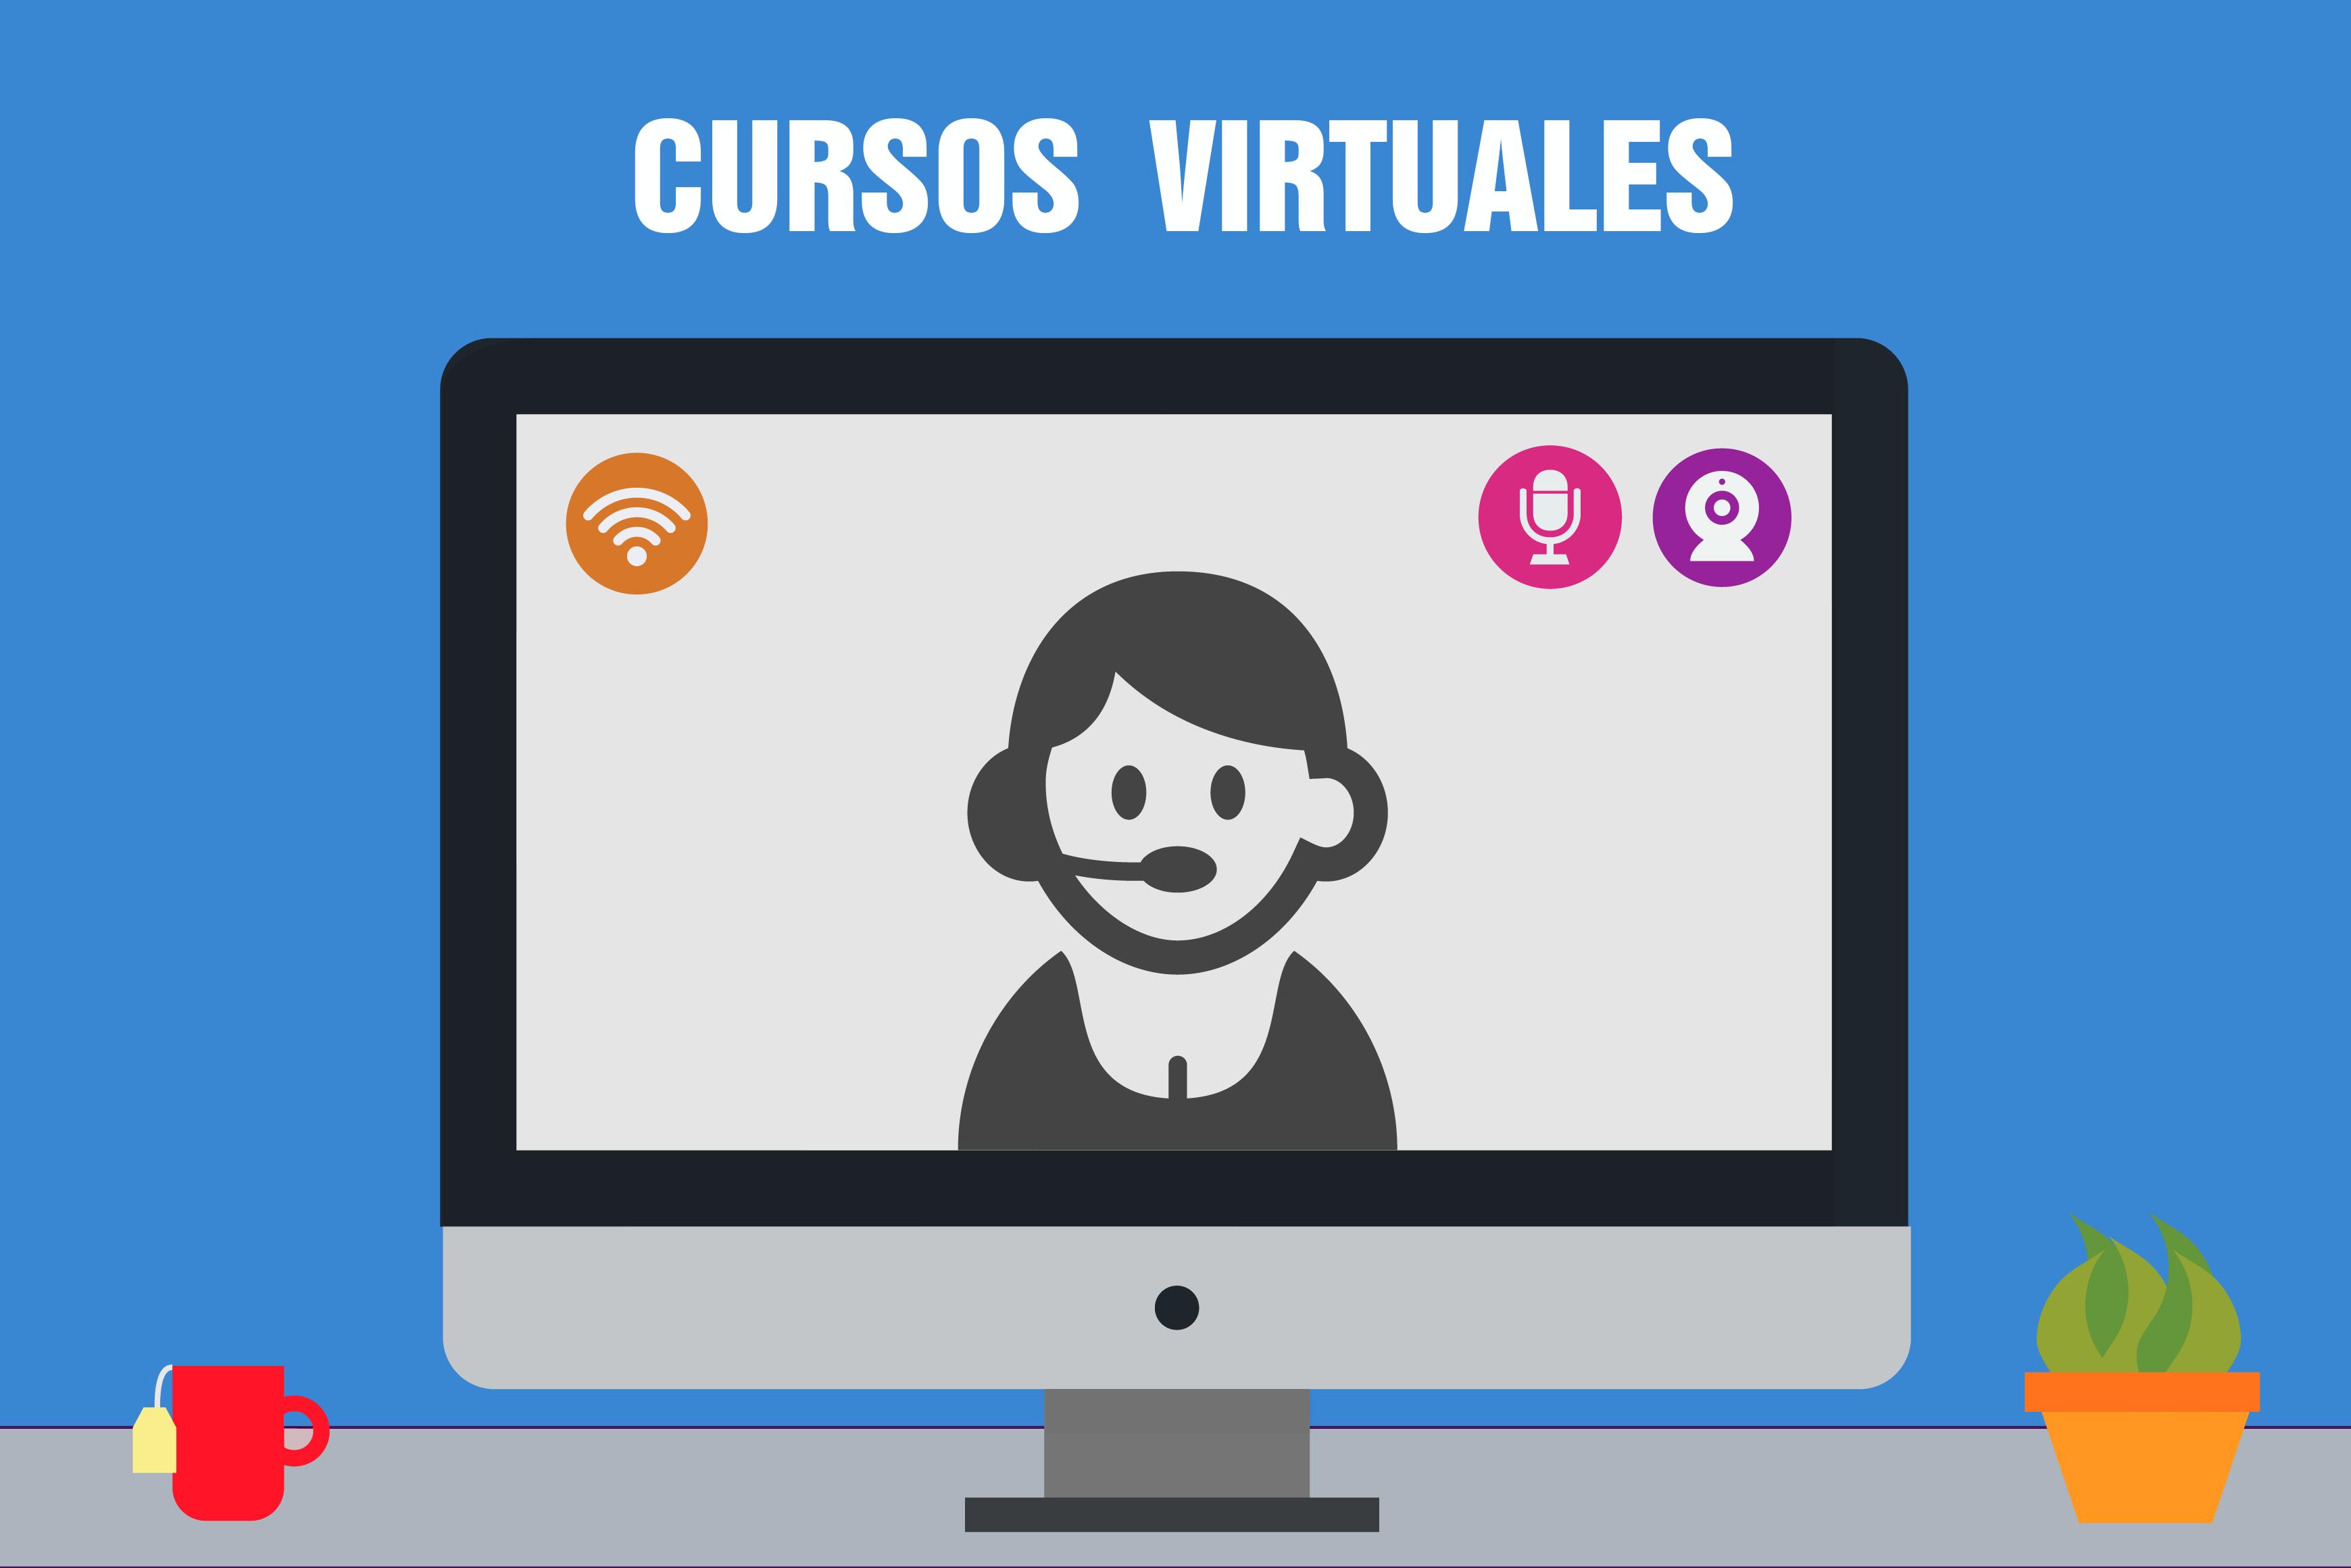 cursos virtuales para negocios en linea